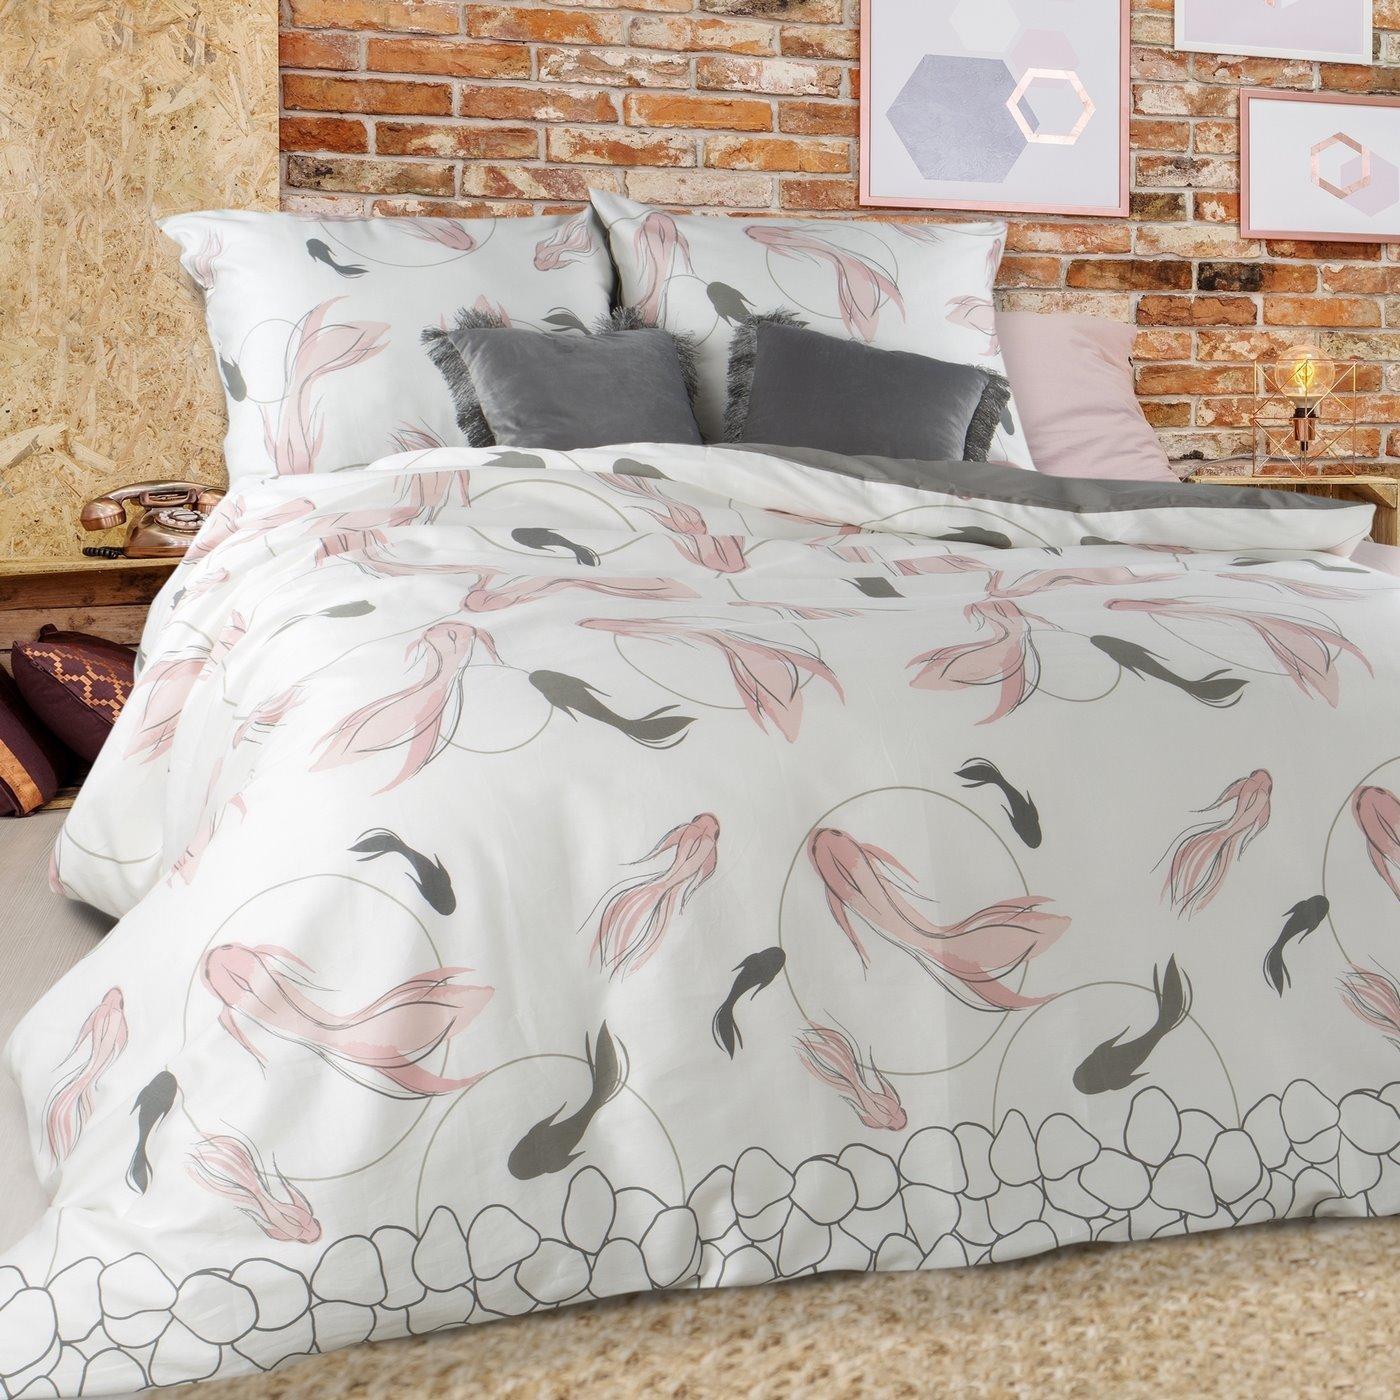 Komplet pościeli satynowej 160 x 200 cm, 2szt. 70 x 80 cm, biała różowa szara, ryby